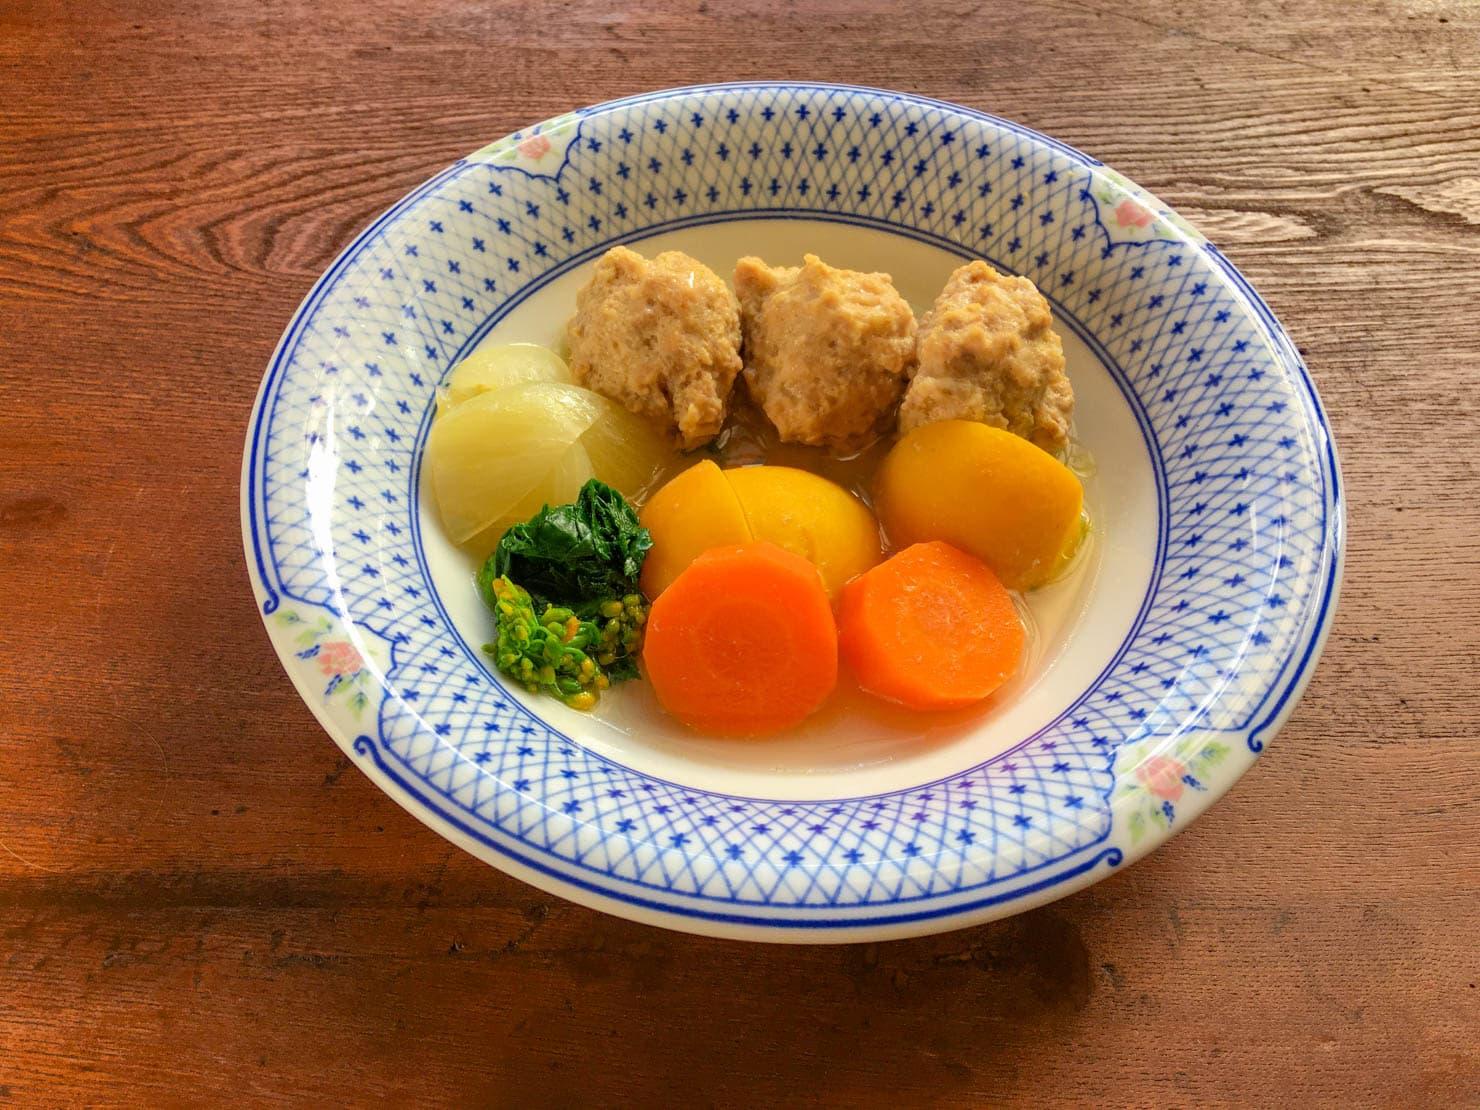 味黄金かぶと鶏団子のスープ煮の写真